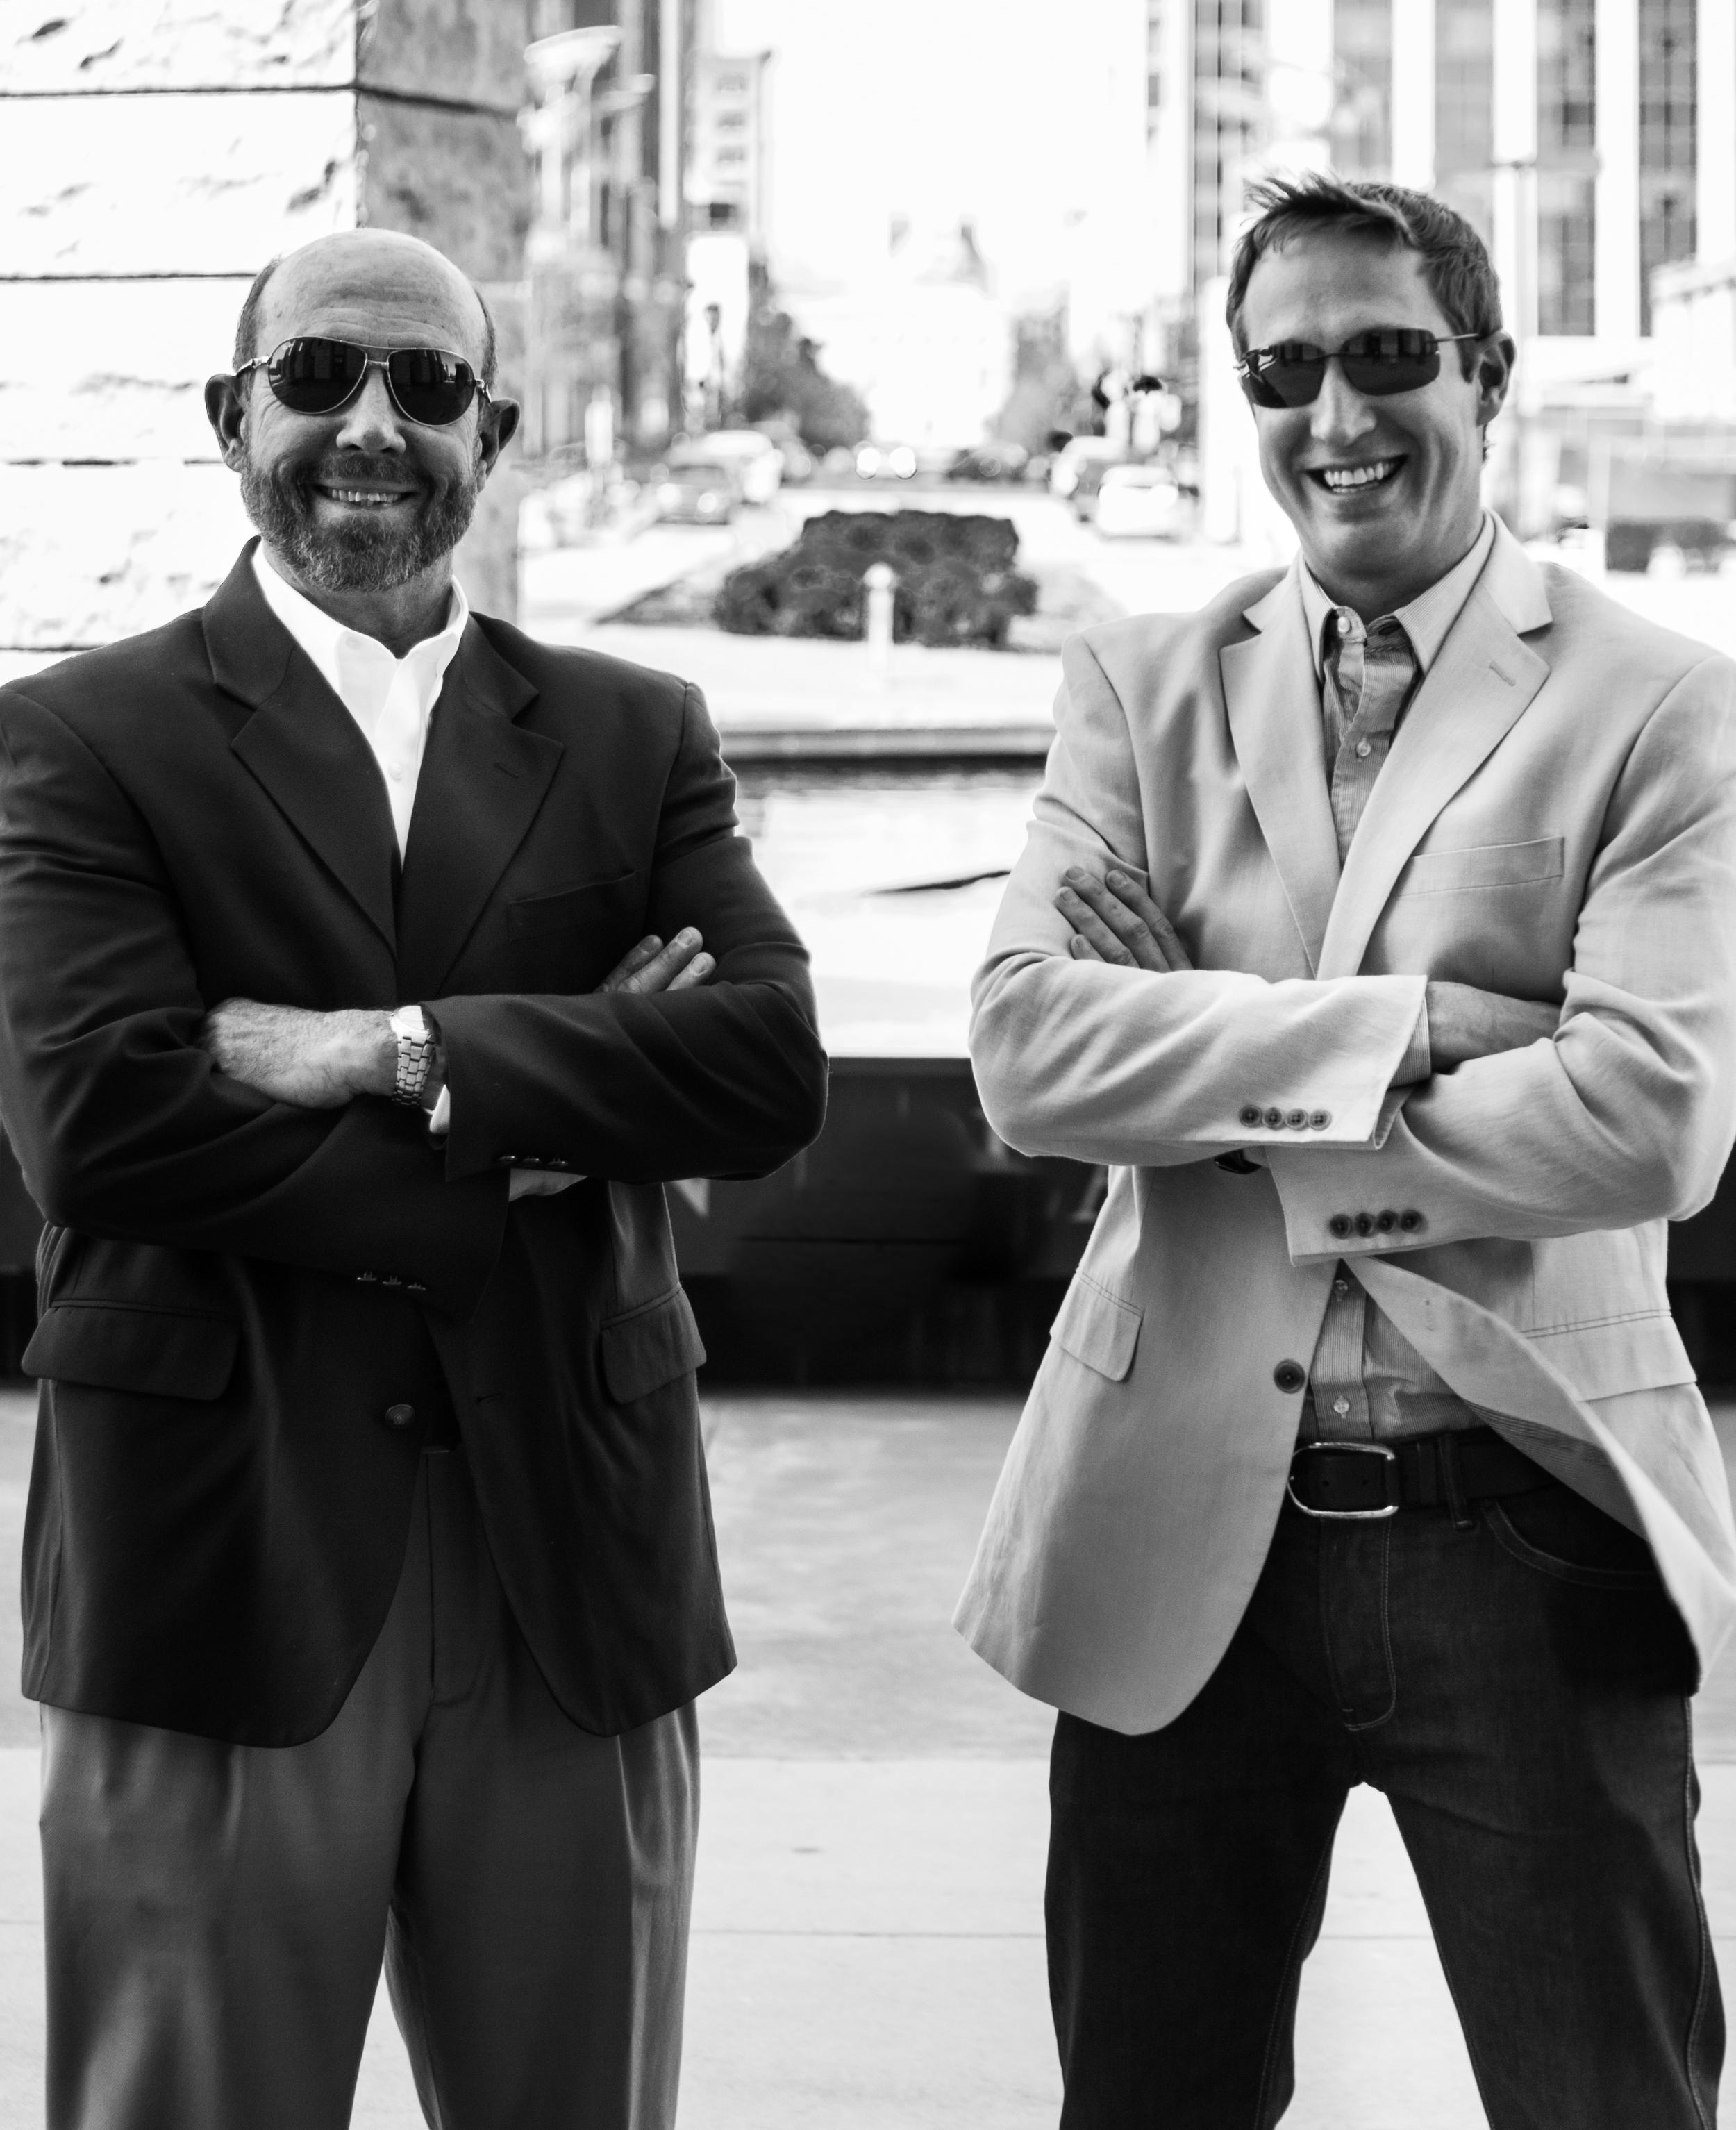 Agents Jim Kane and Jonathan Kane